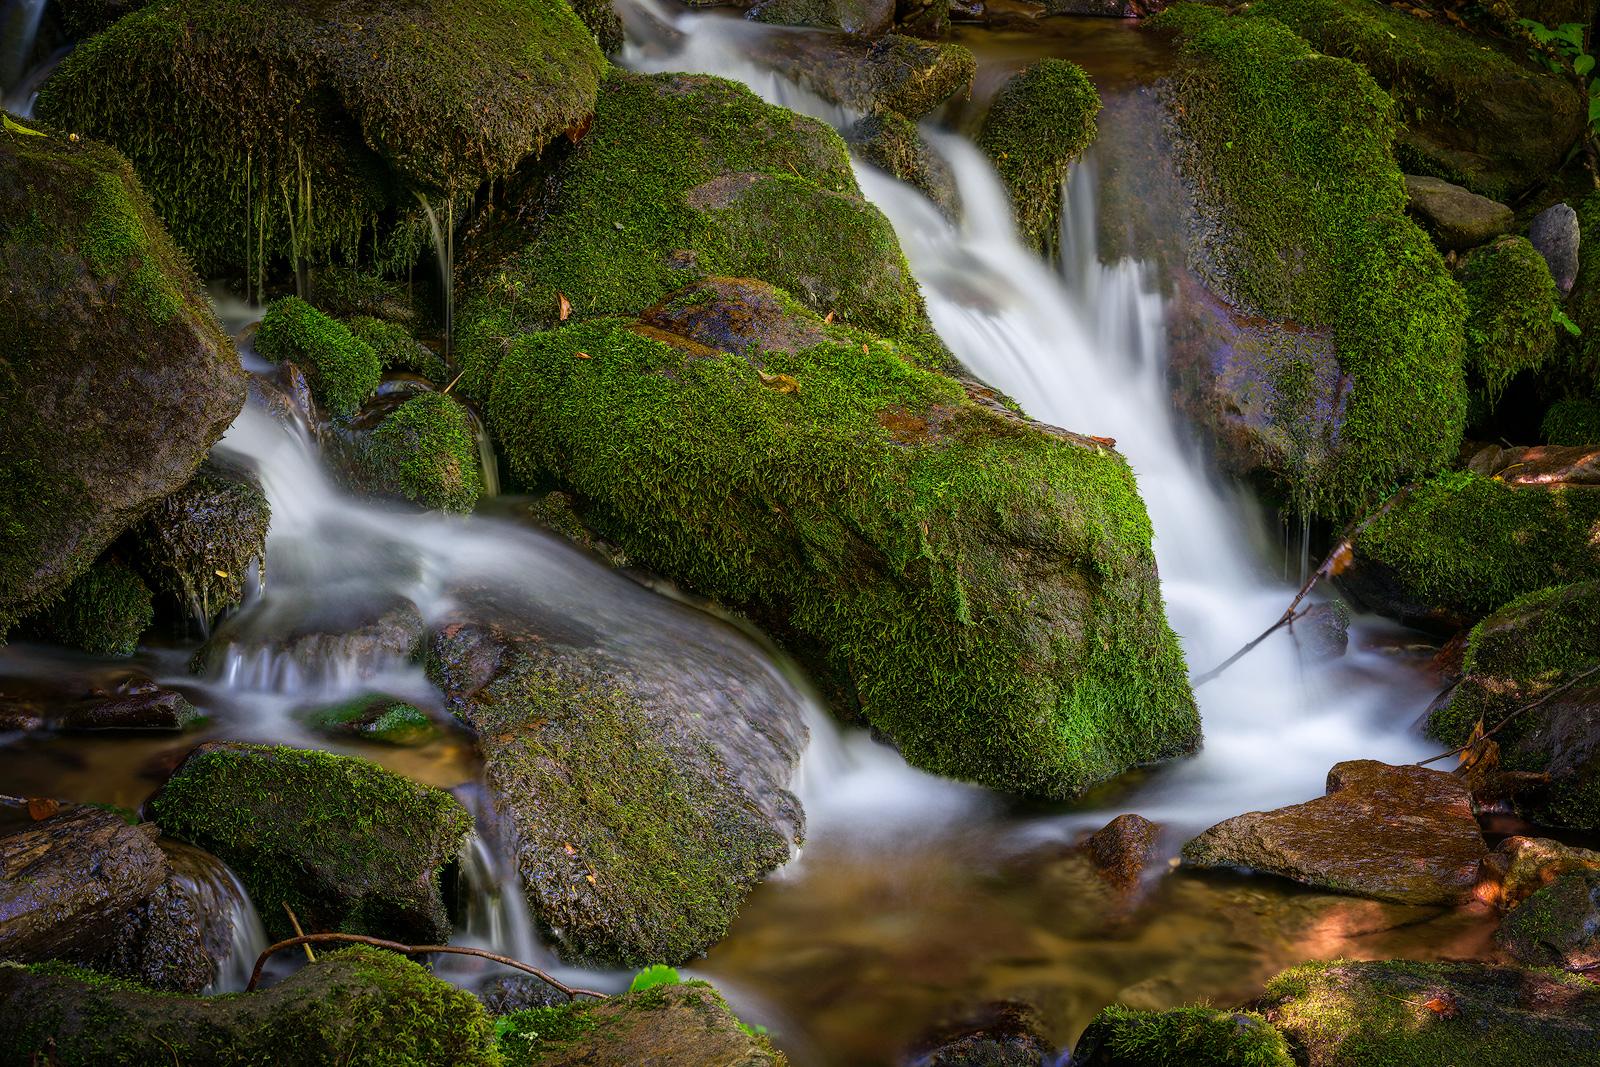 IMAGE: https://photos.smugmug.com/photos/i-5vV68XT/2/dc48e4a7/O/i-5vV68XT.jpg